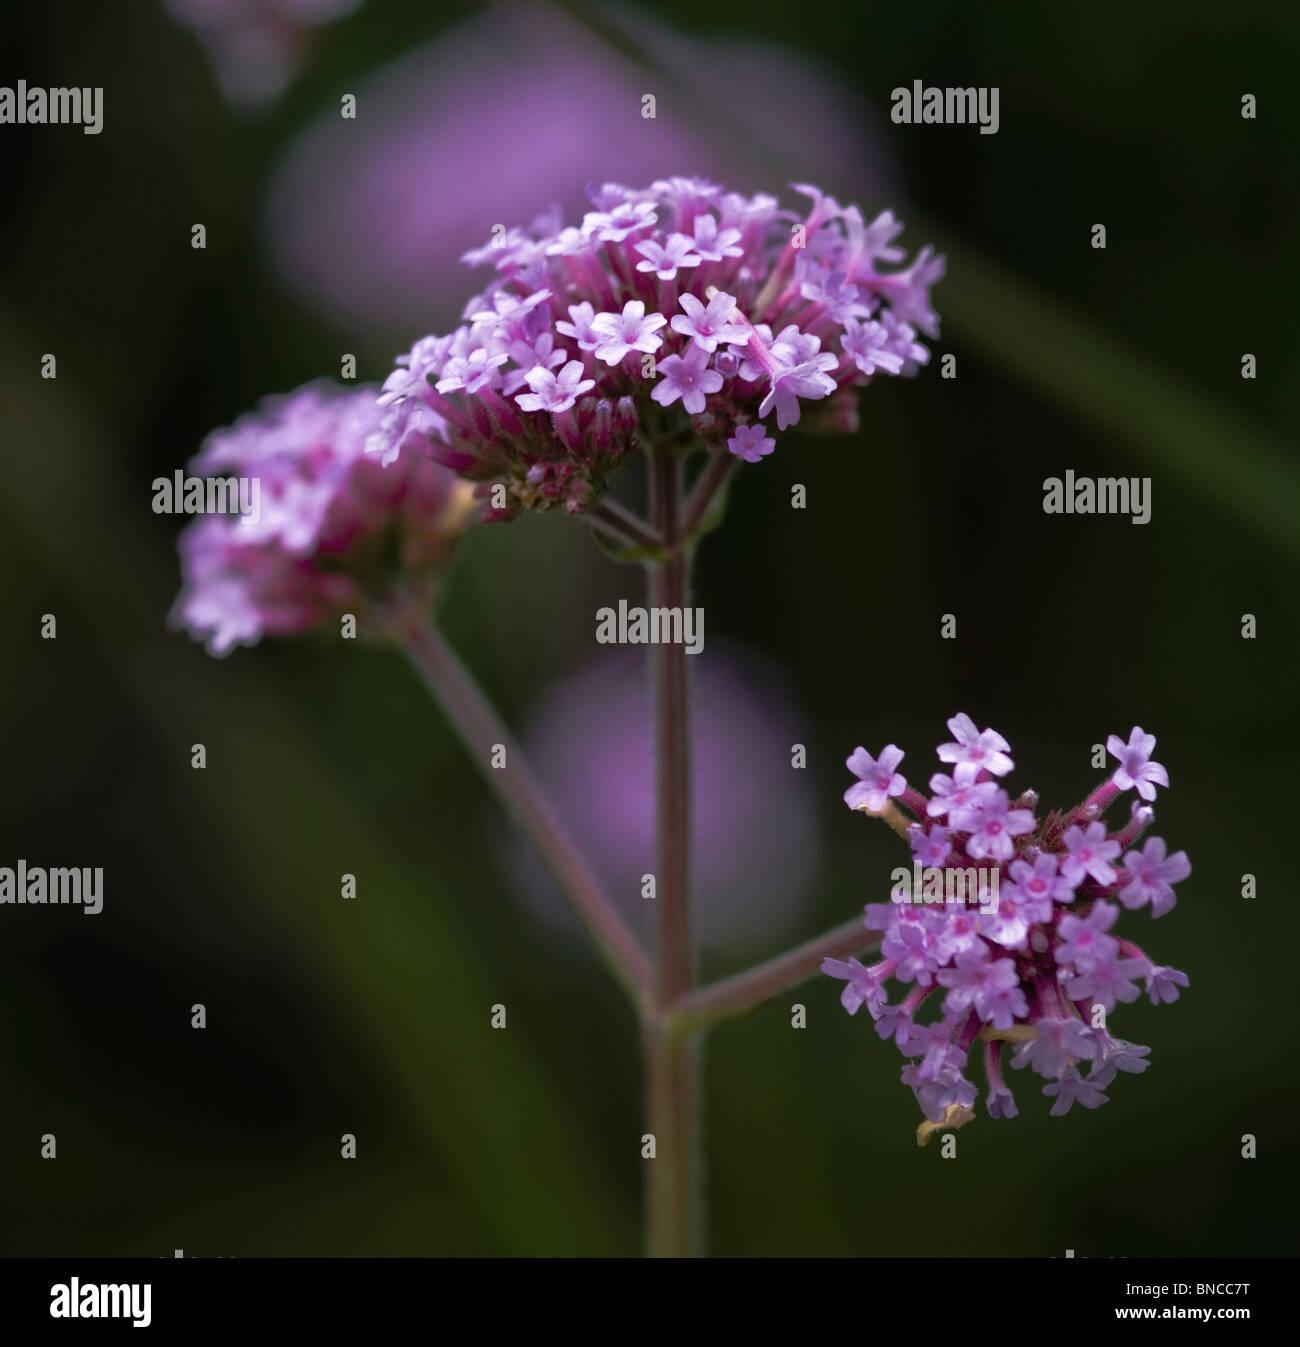 Verbena bonariensis - Stock Image